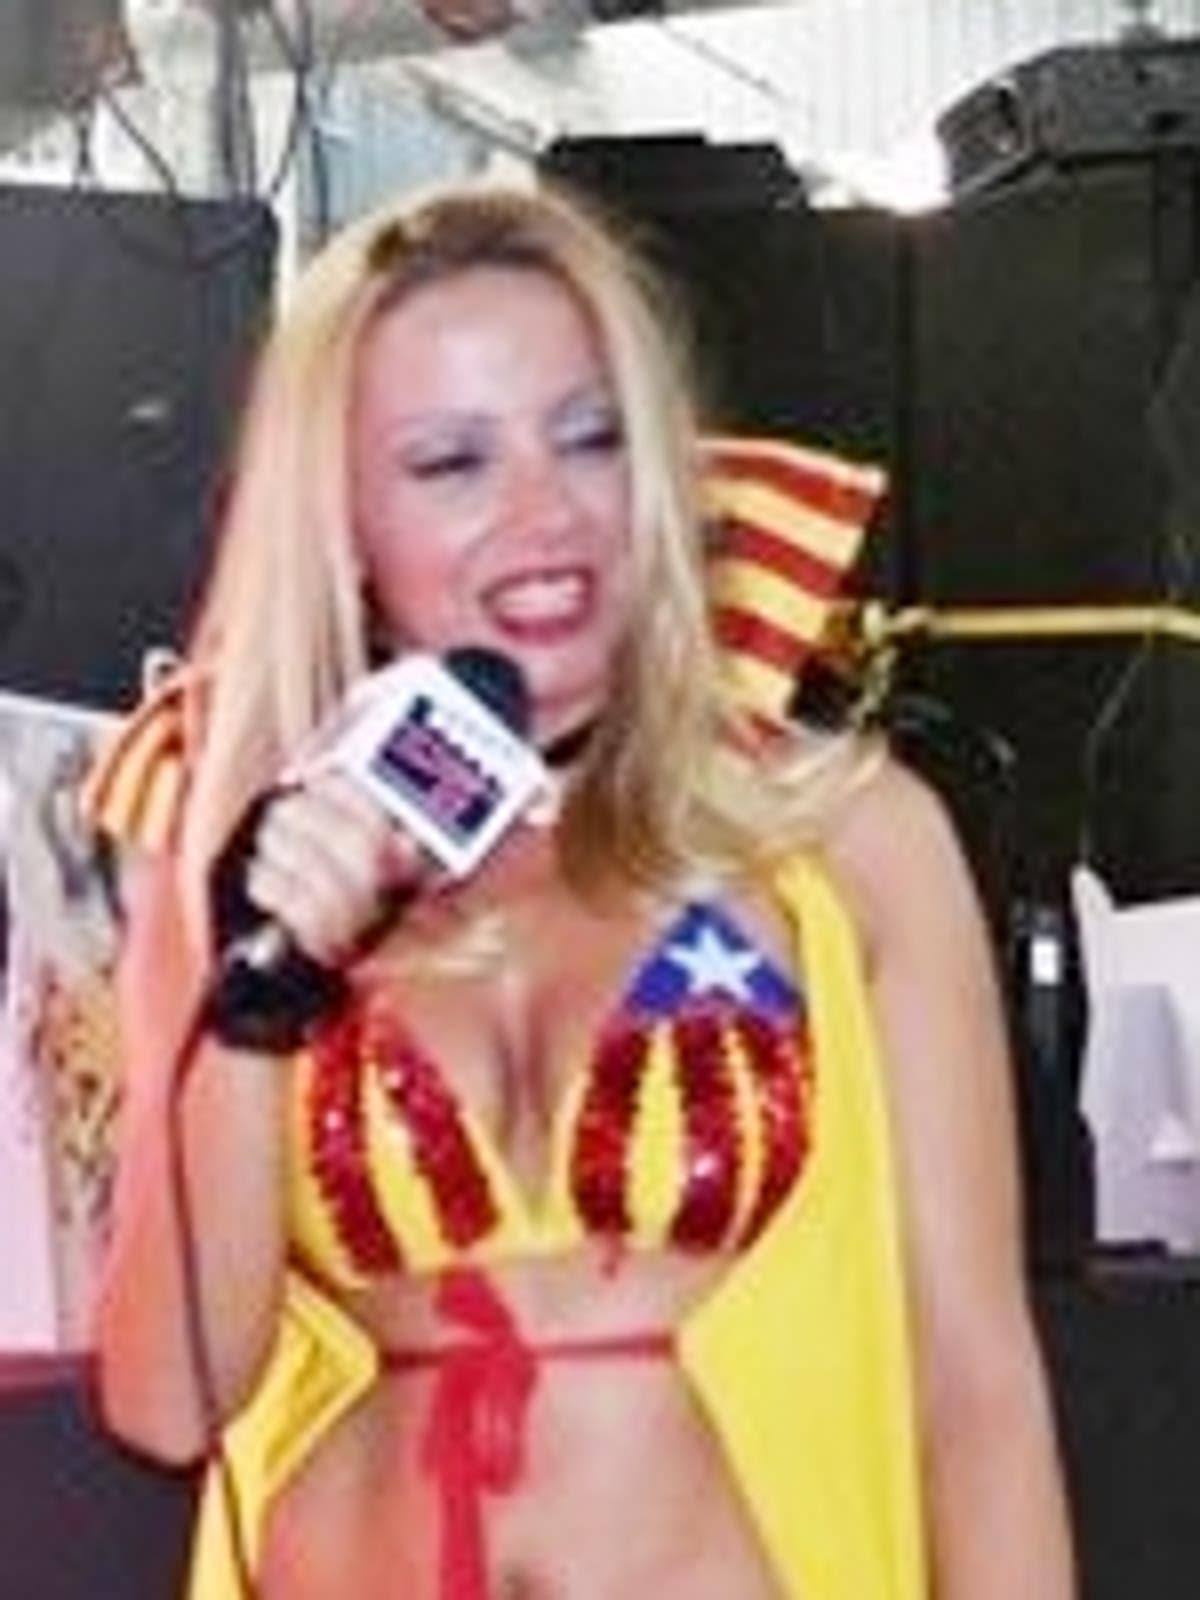 Actriu Porno Catala la nostra dona de bandera la república